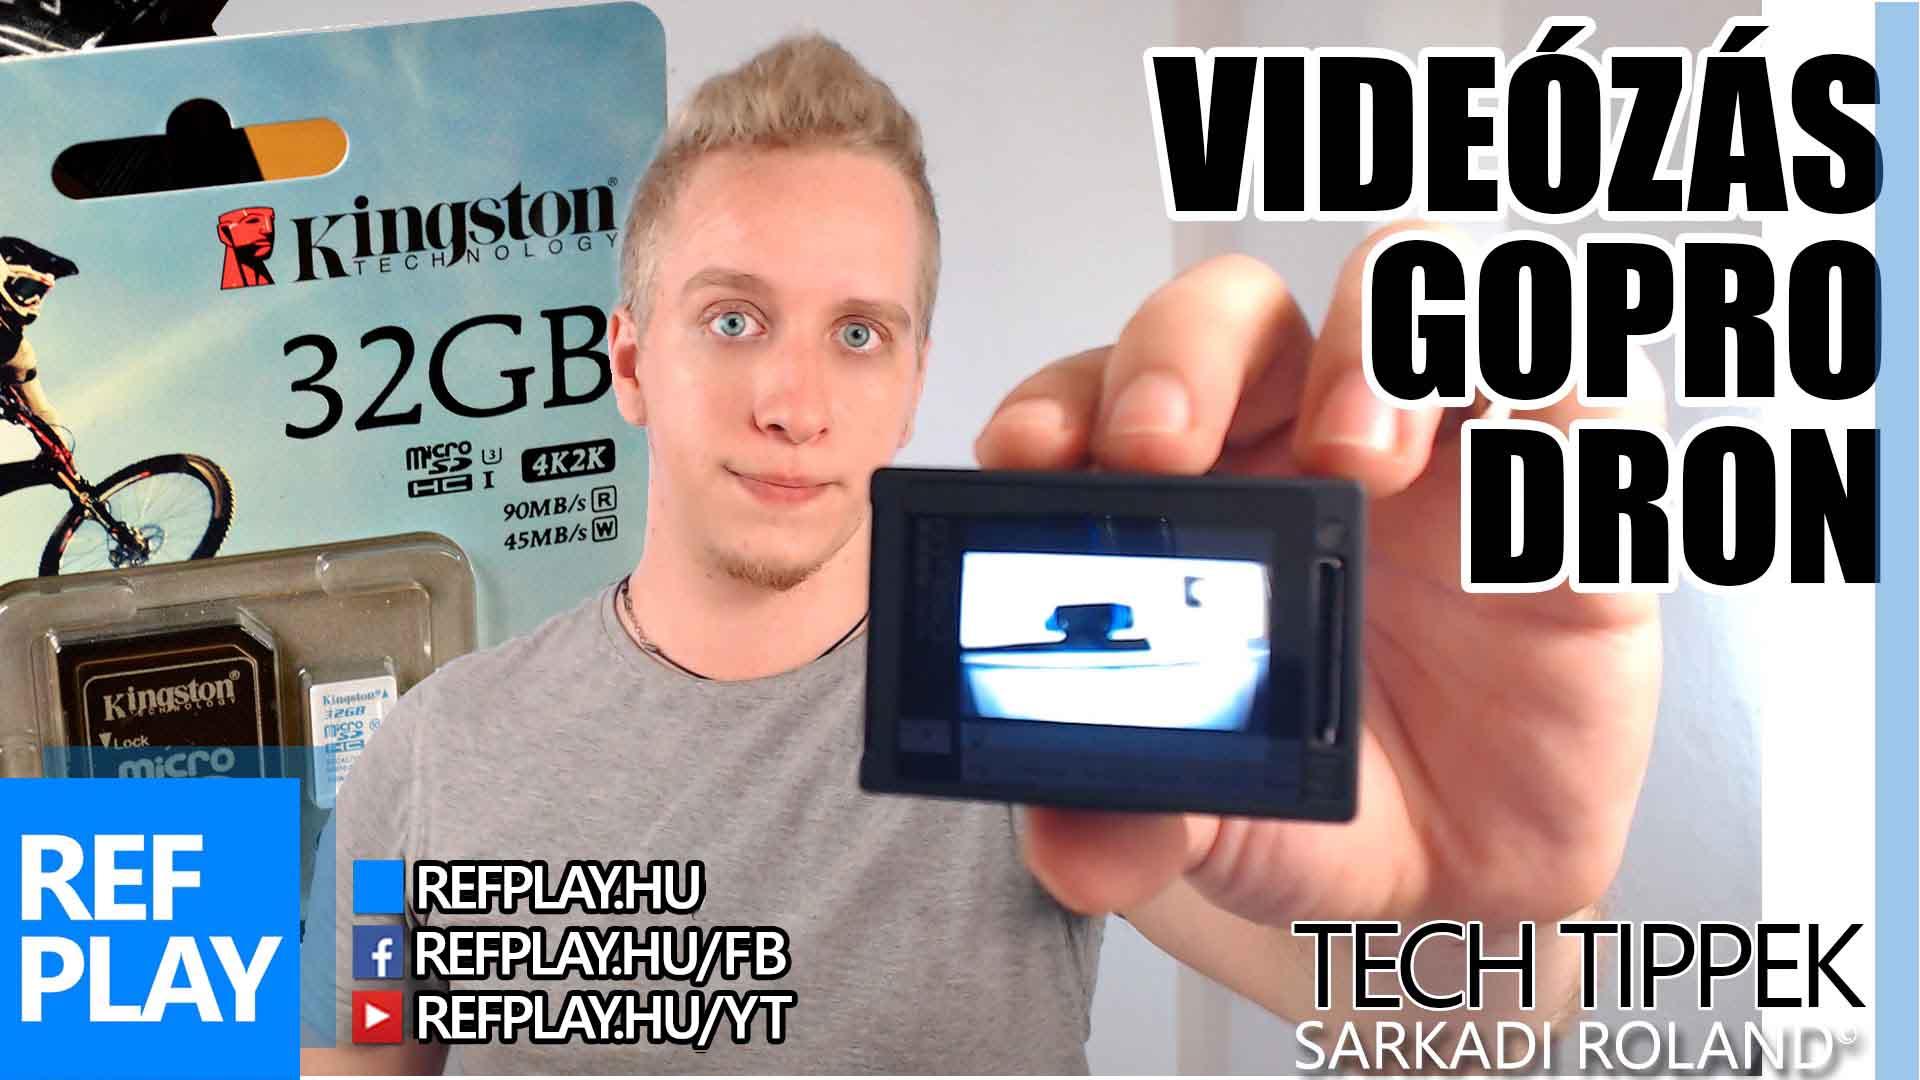 GOPRO, DRONE és VIDEÓSOKNAK memóriakártya! | Kingston SDCAC microSD | TECH TIPPEK | REFPLAY